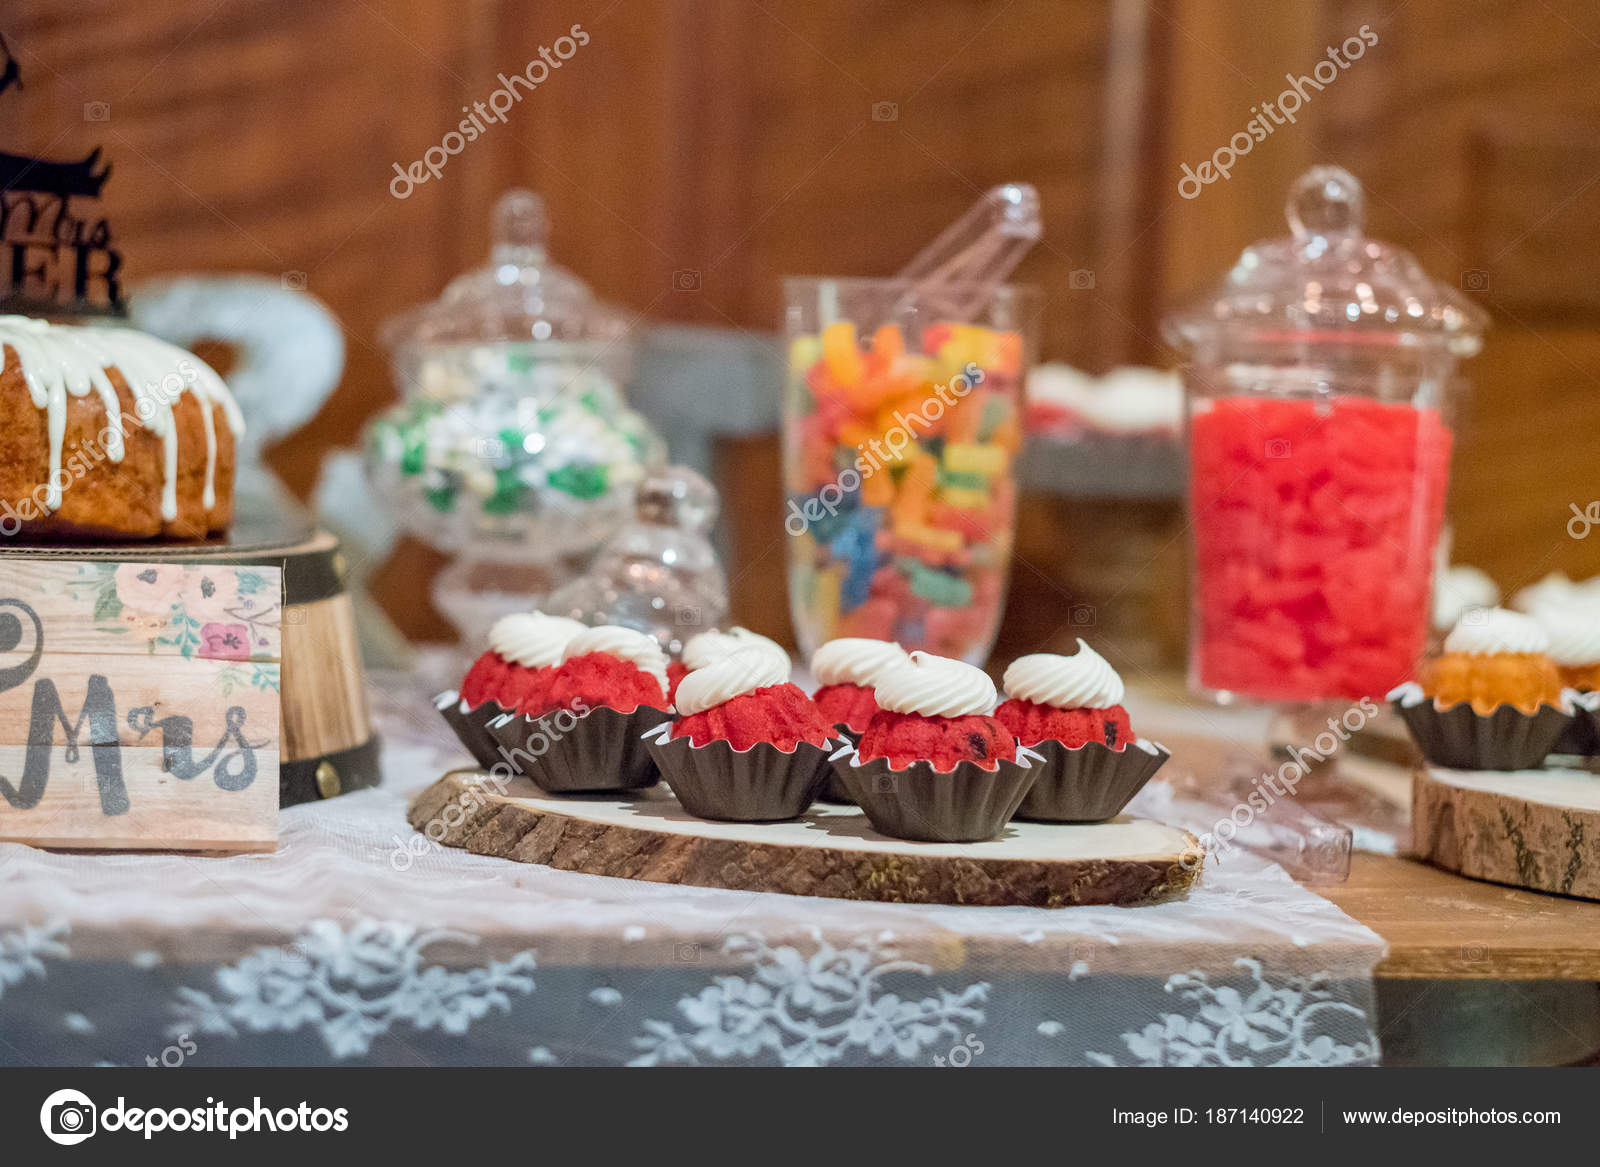 Bundt Cakes At Wedding Reception Stock Photo Joshuarainey 187140922